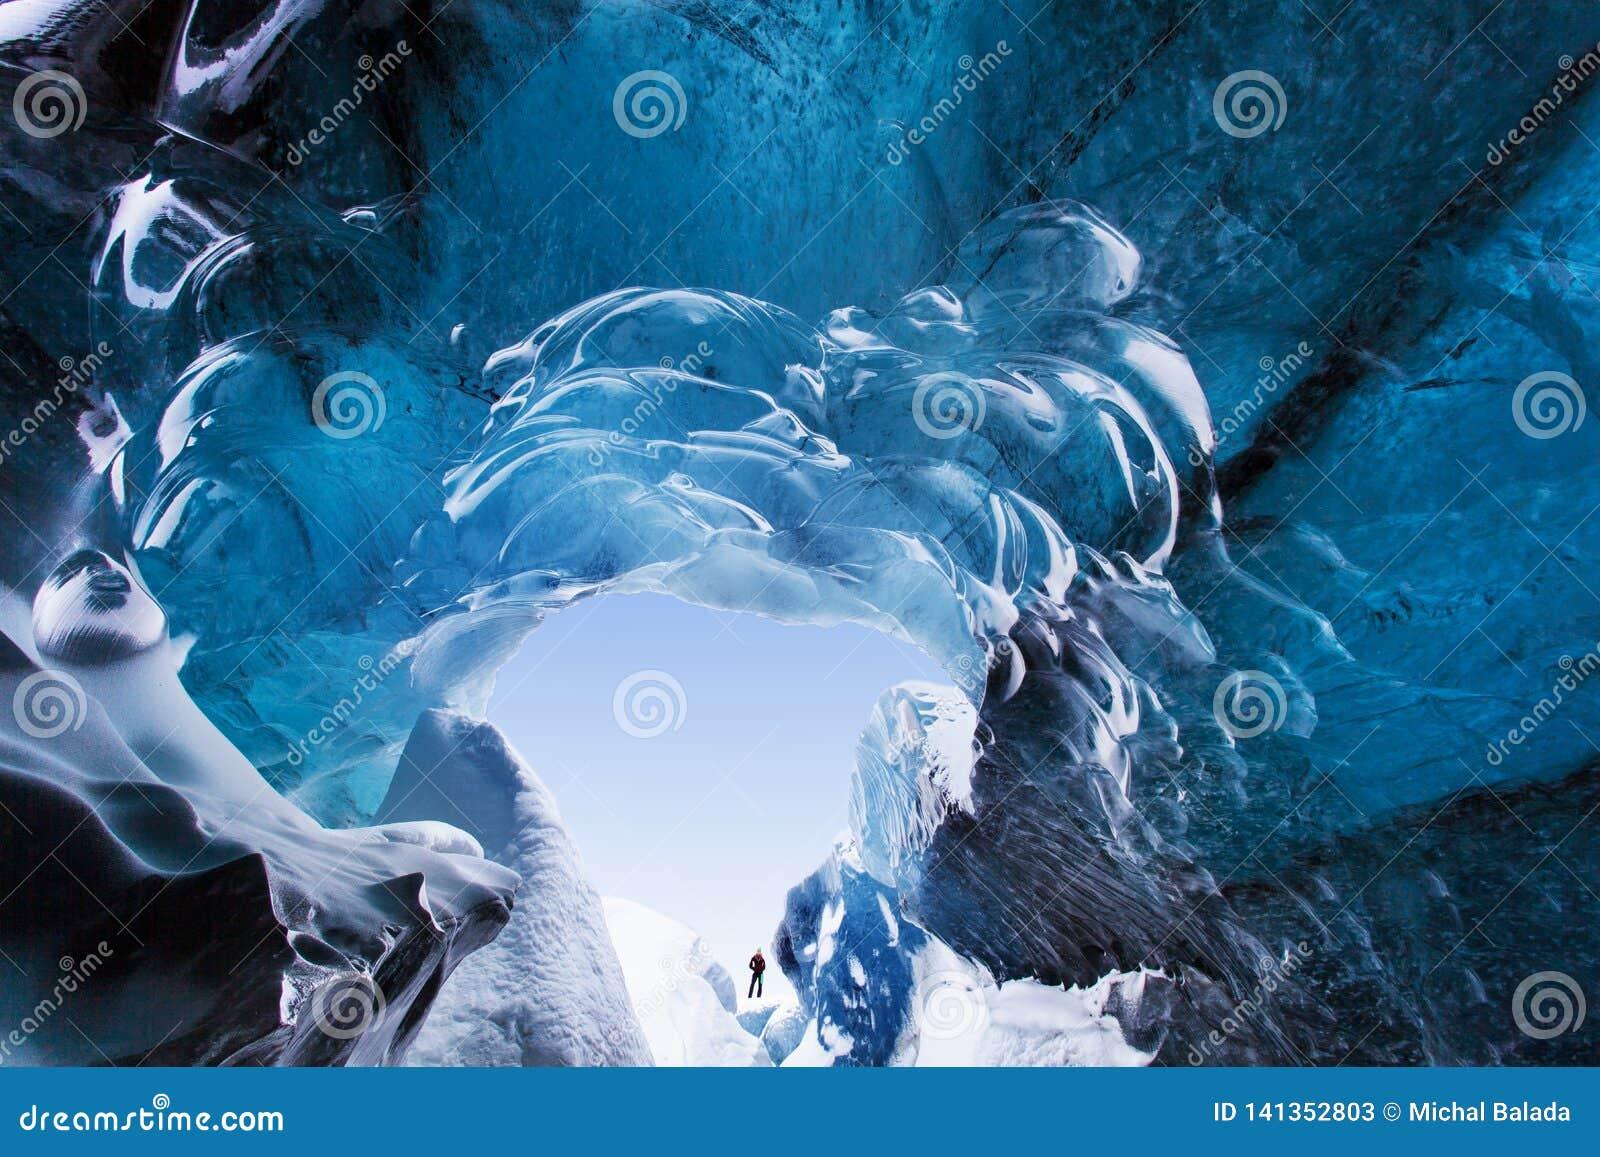 Caverne de glace stupéfiante Caverne de glace en cristal bleue et une rivière souterraine sous le glacier Nature stupéfiante de S